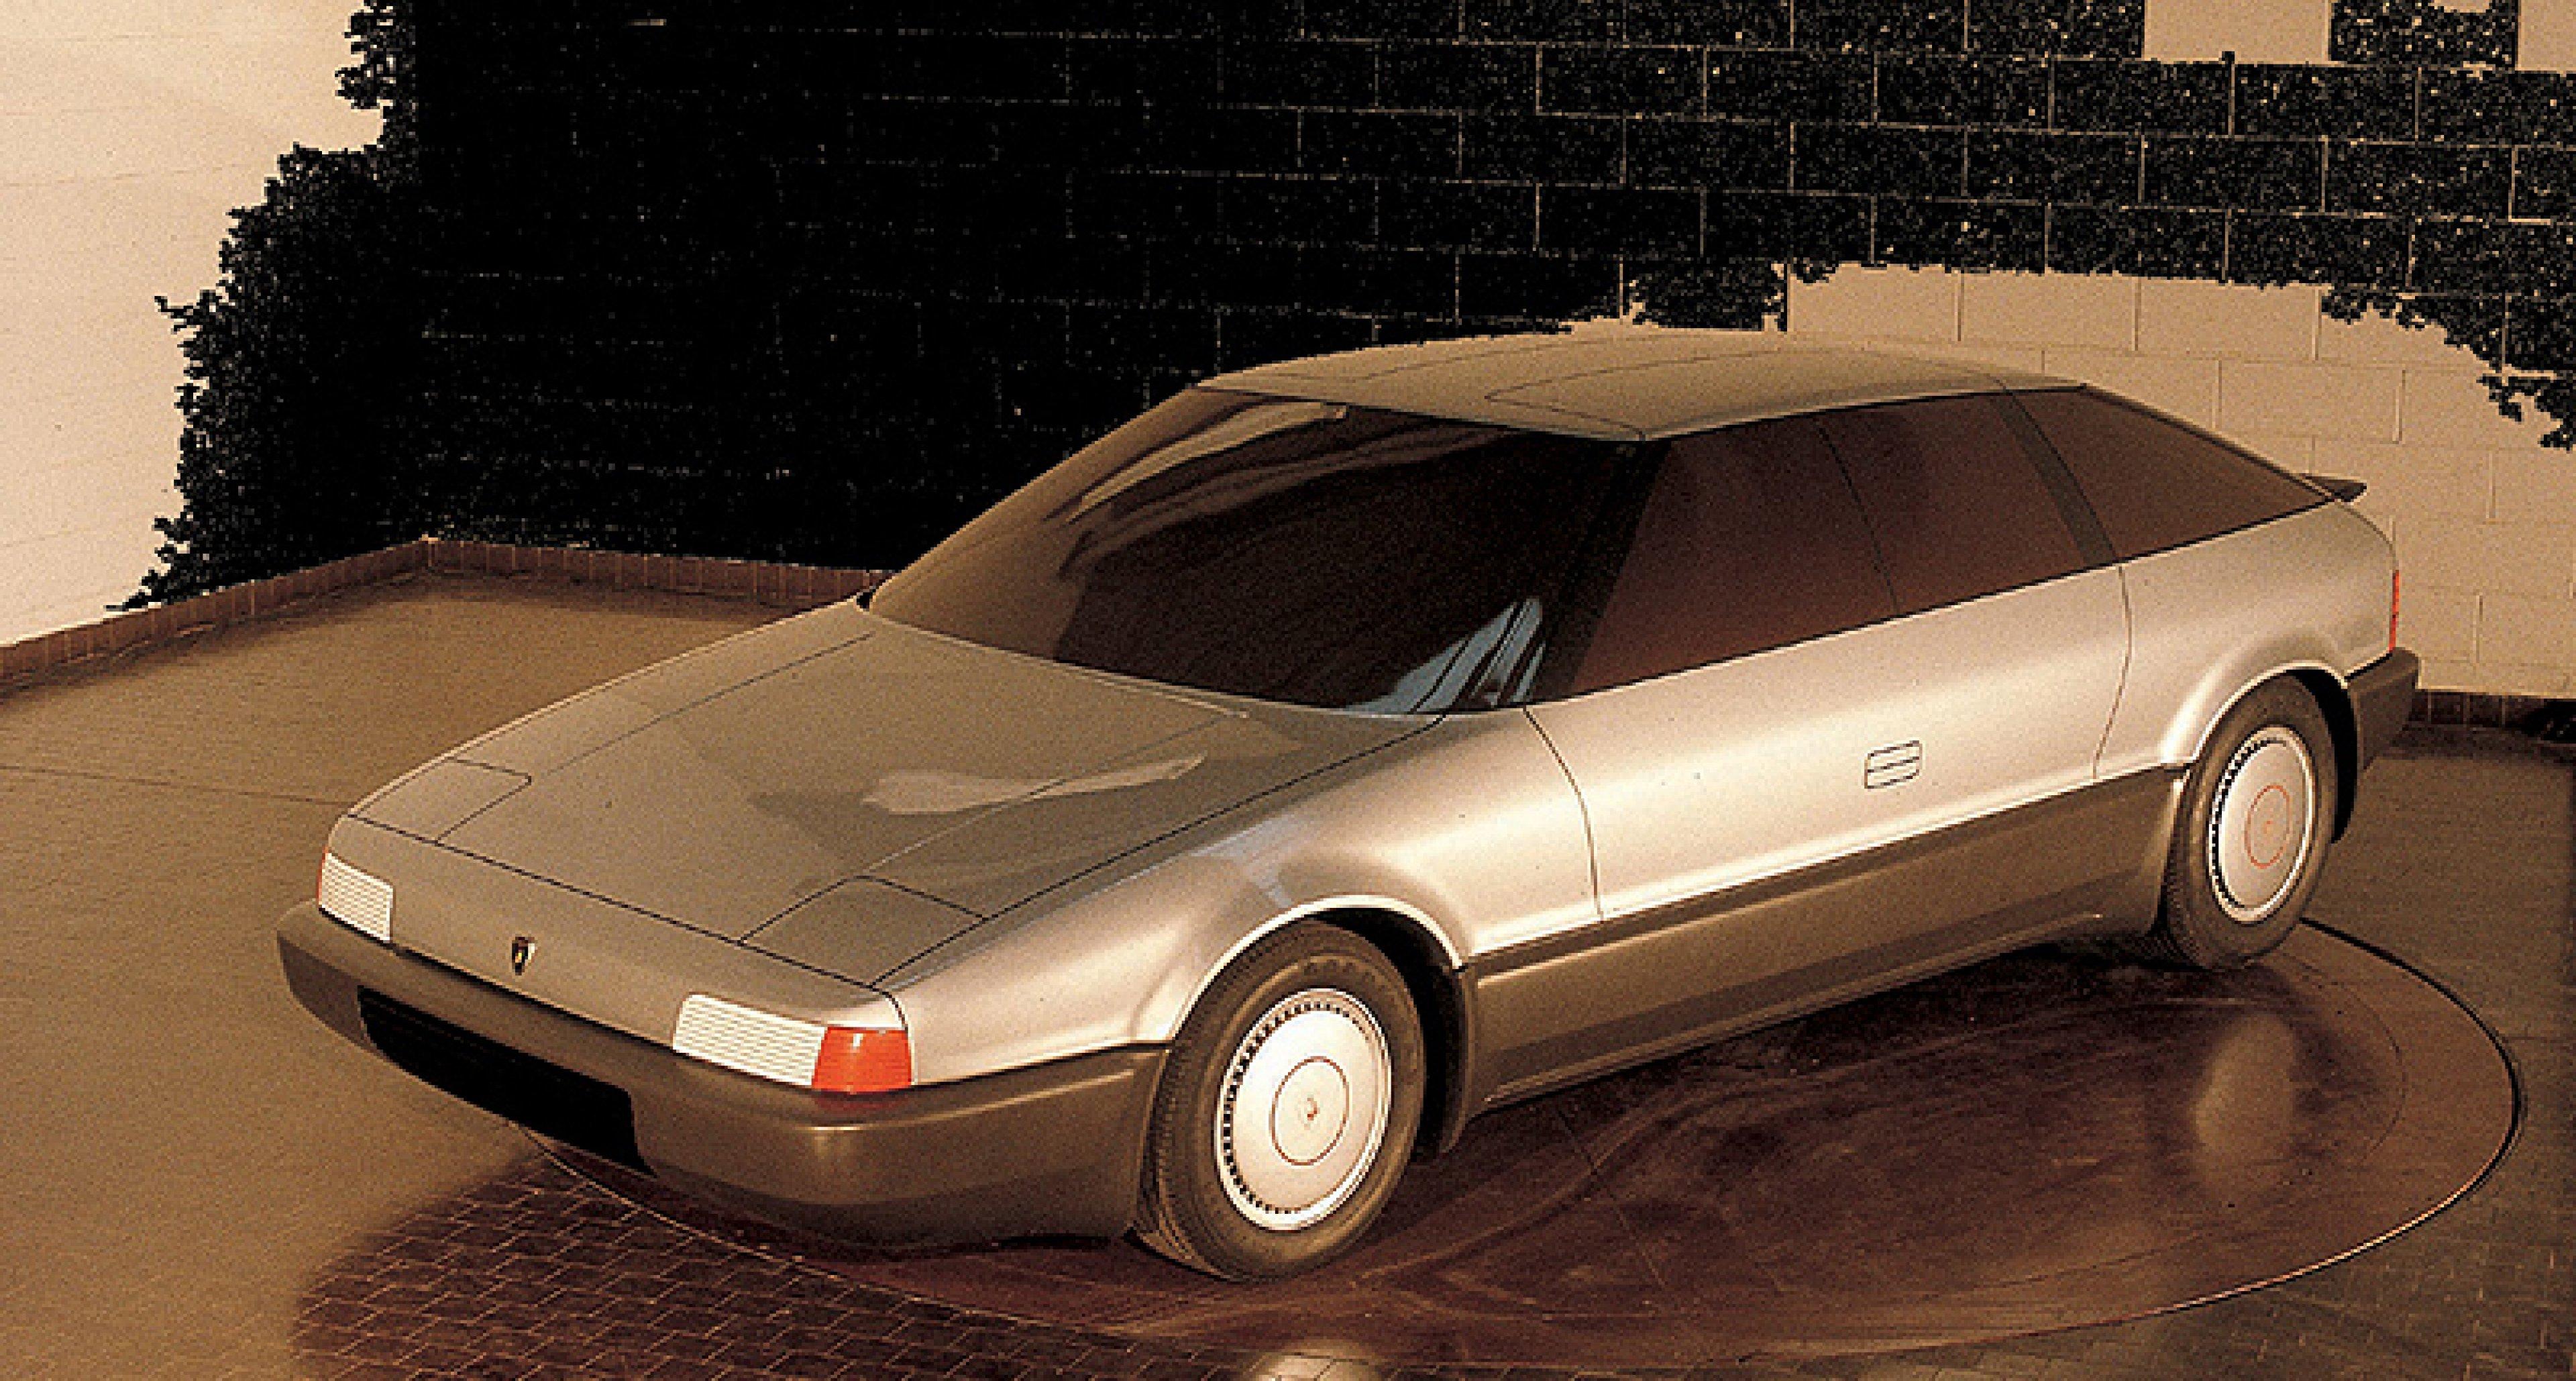 Lamborghini übernimmt Italdesign Giugiaro